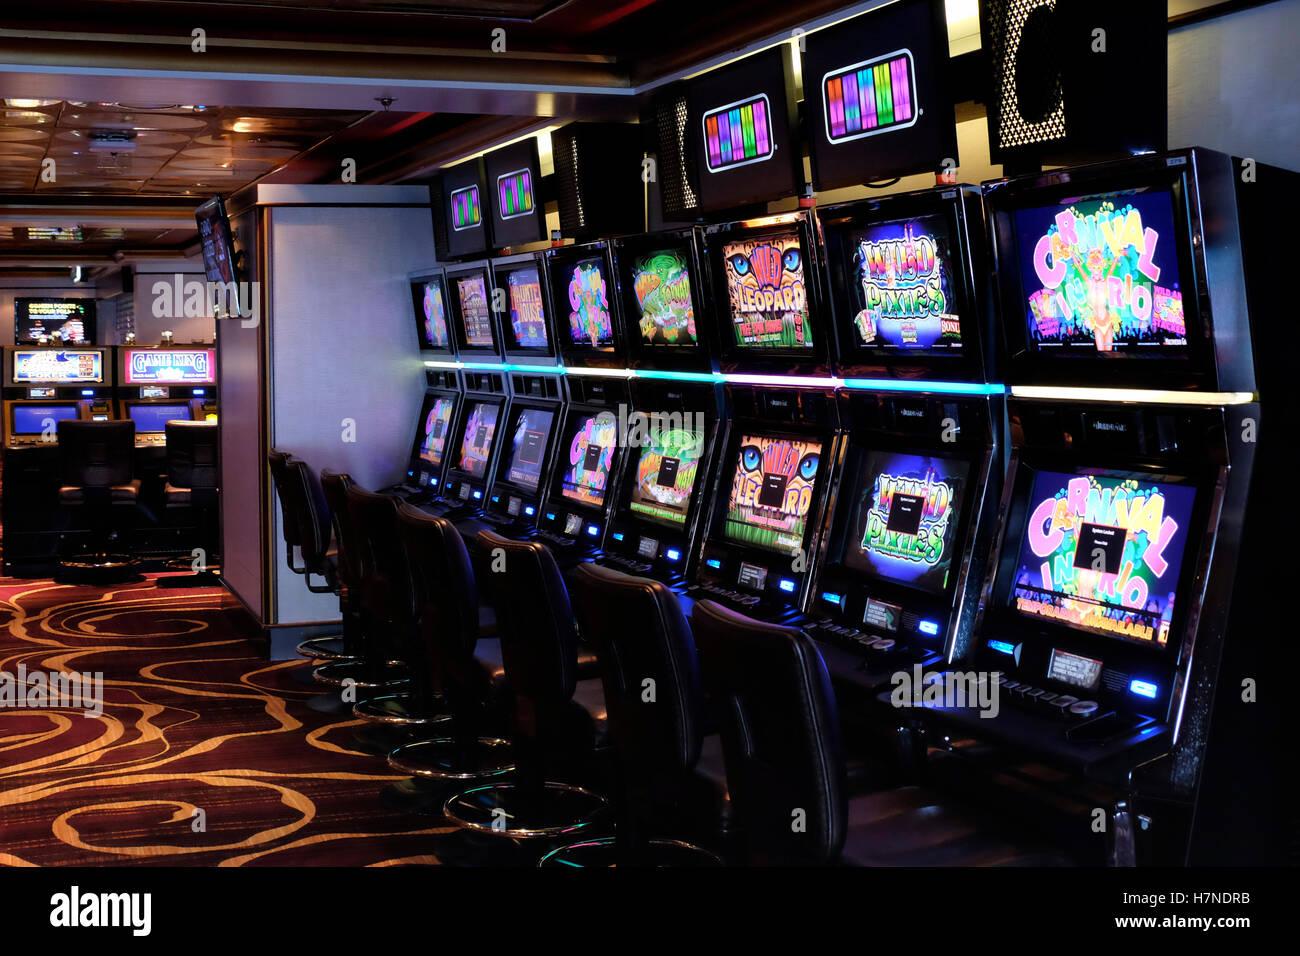 Вильям хилл онлайн казино